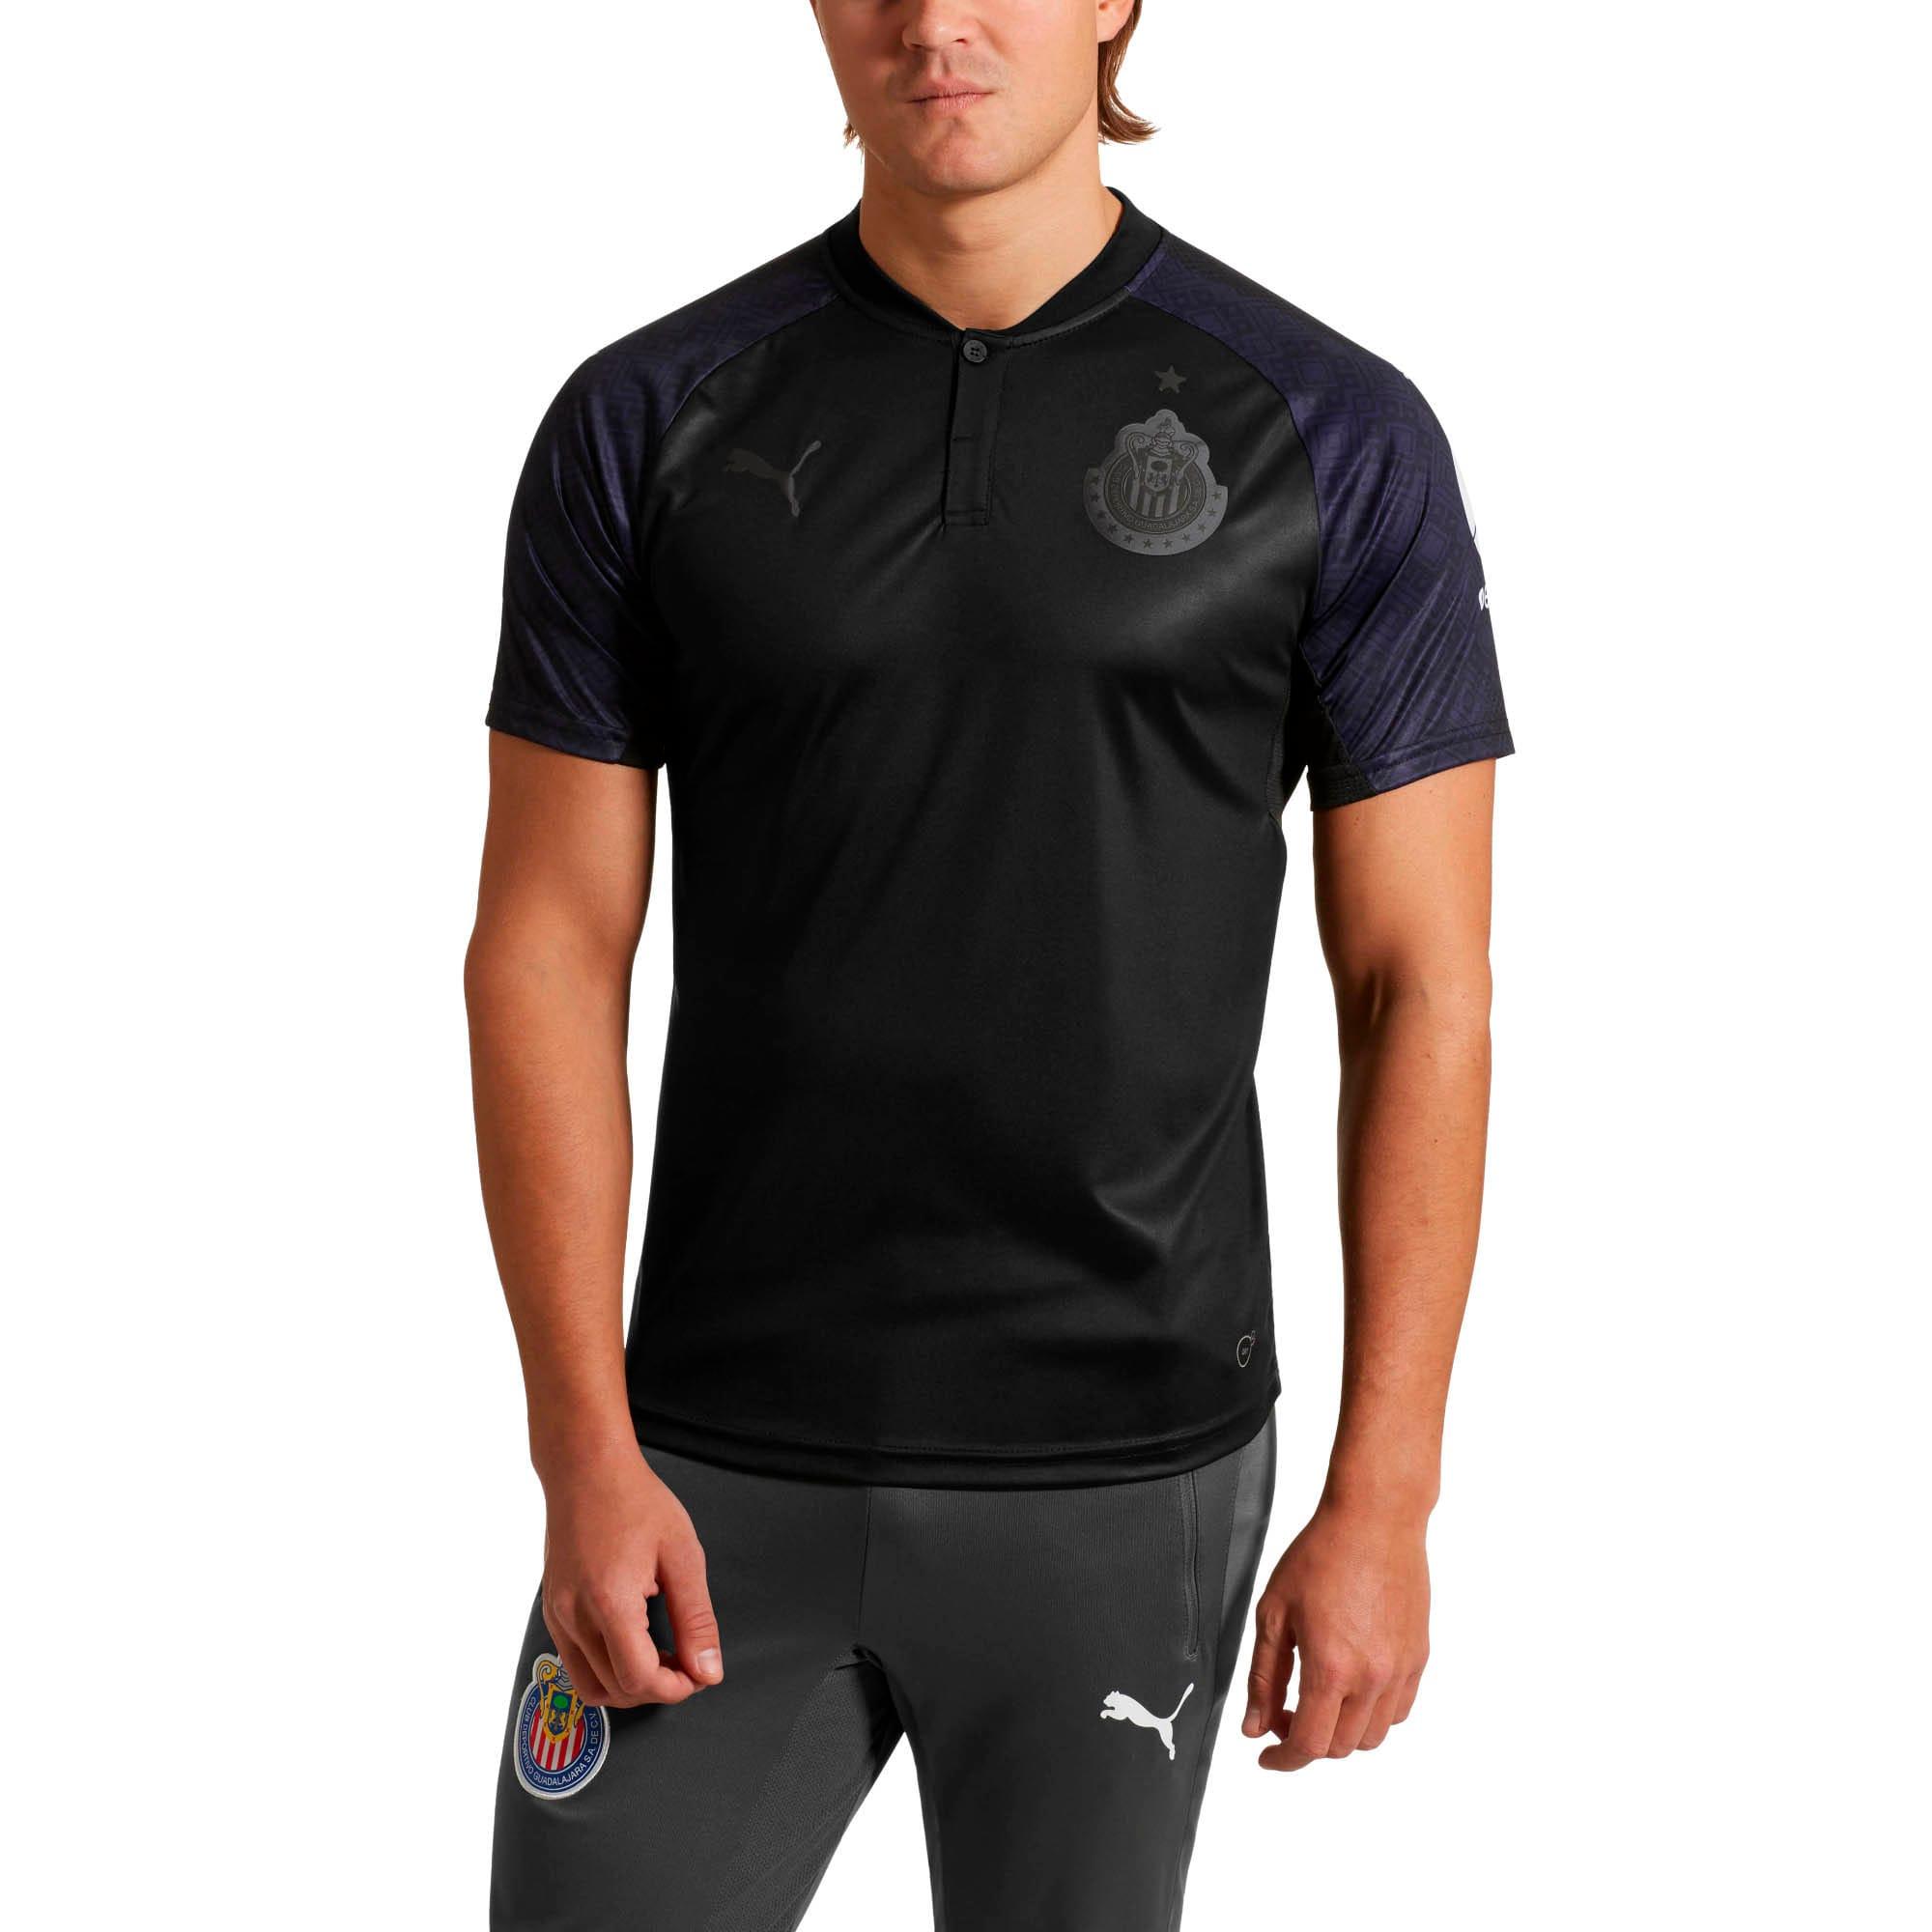 online store 7d459 5e0f3 2017/18 Chivas Away Shirt Replica